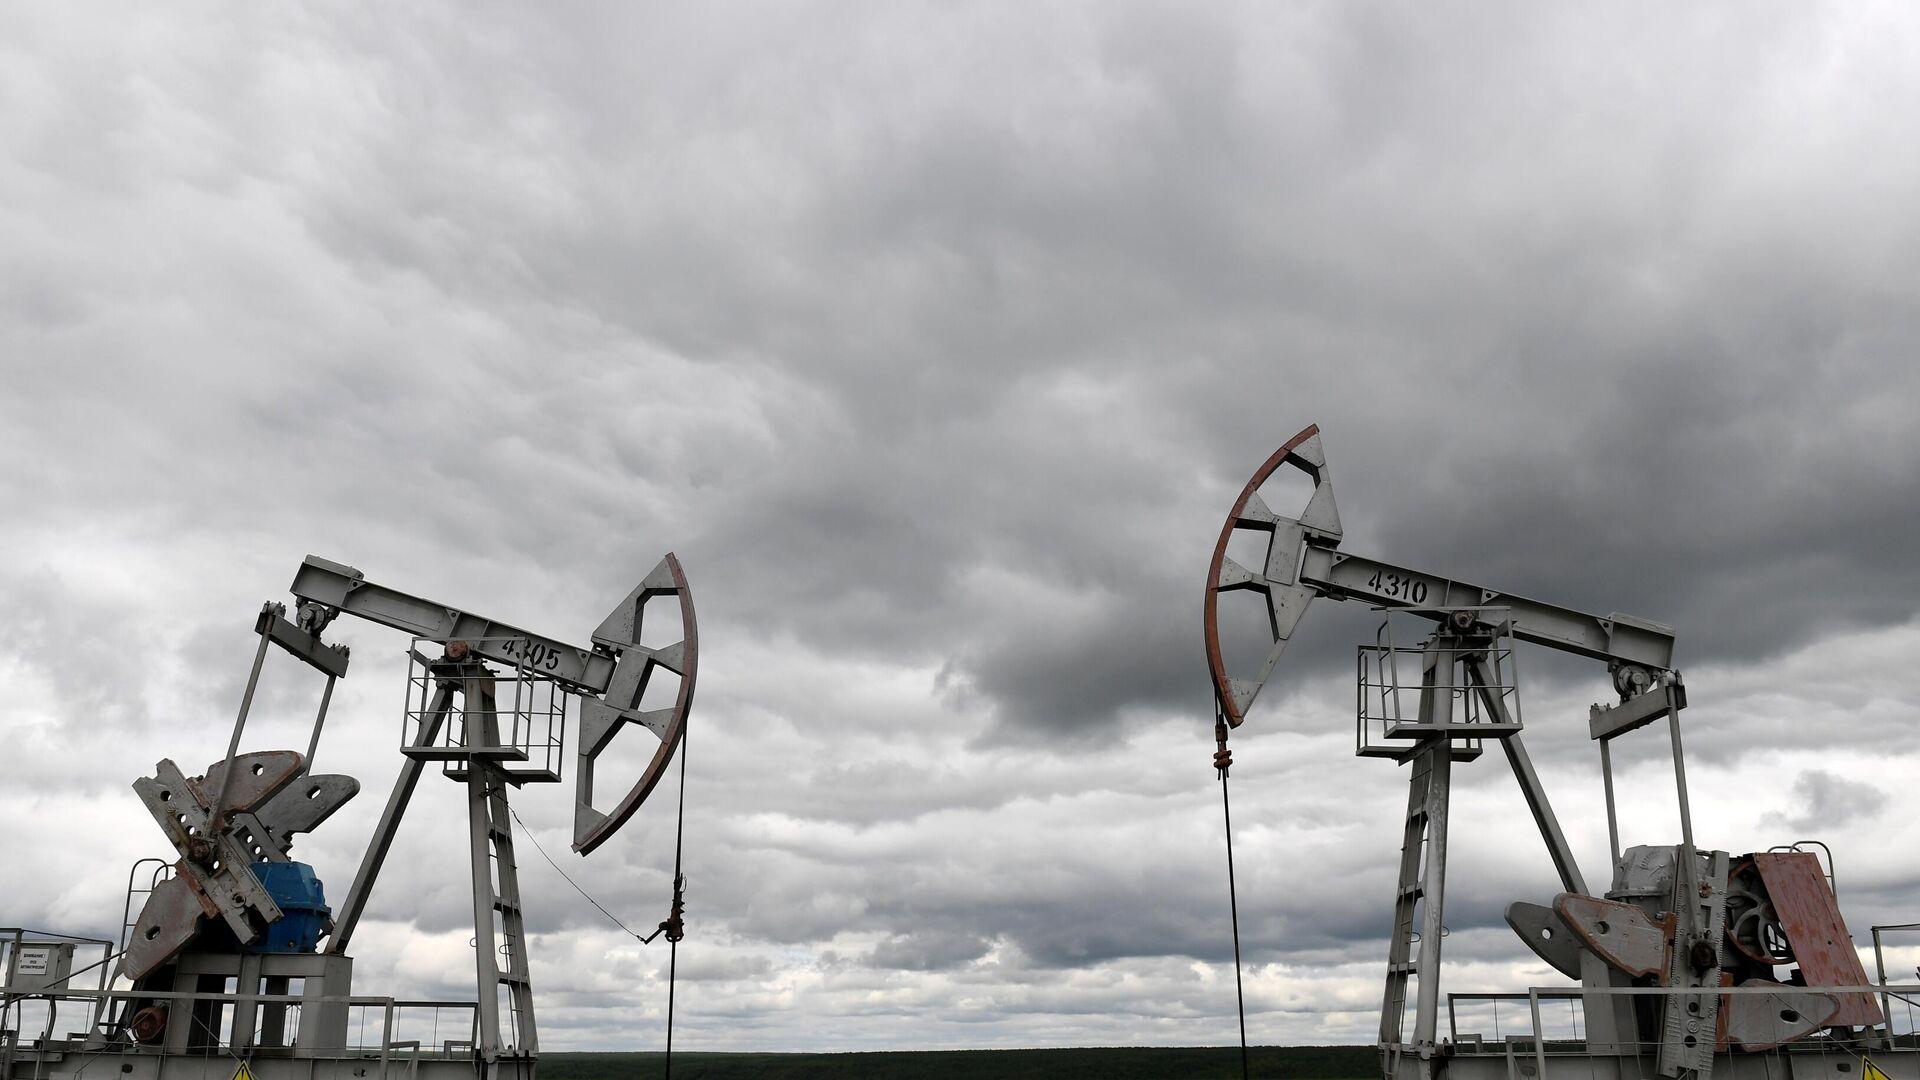 Нефтяные станки-качалки компании Татнефть  - РИА Новости, 1920, 29.09.2020